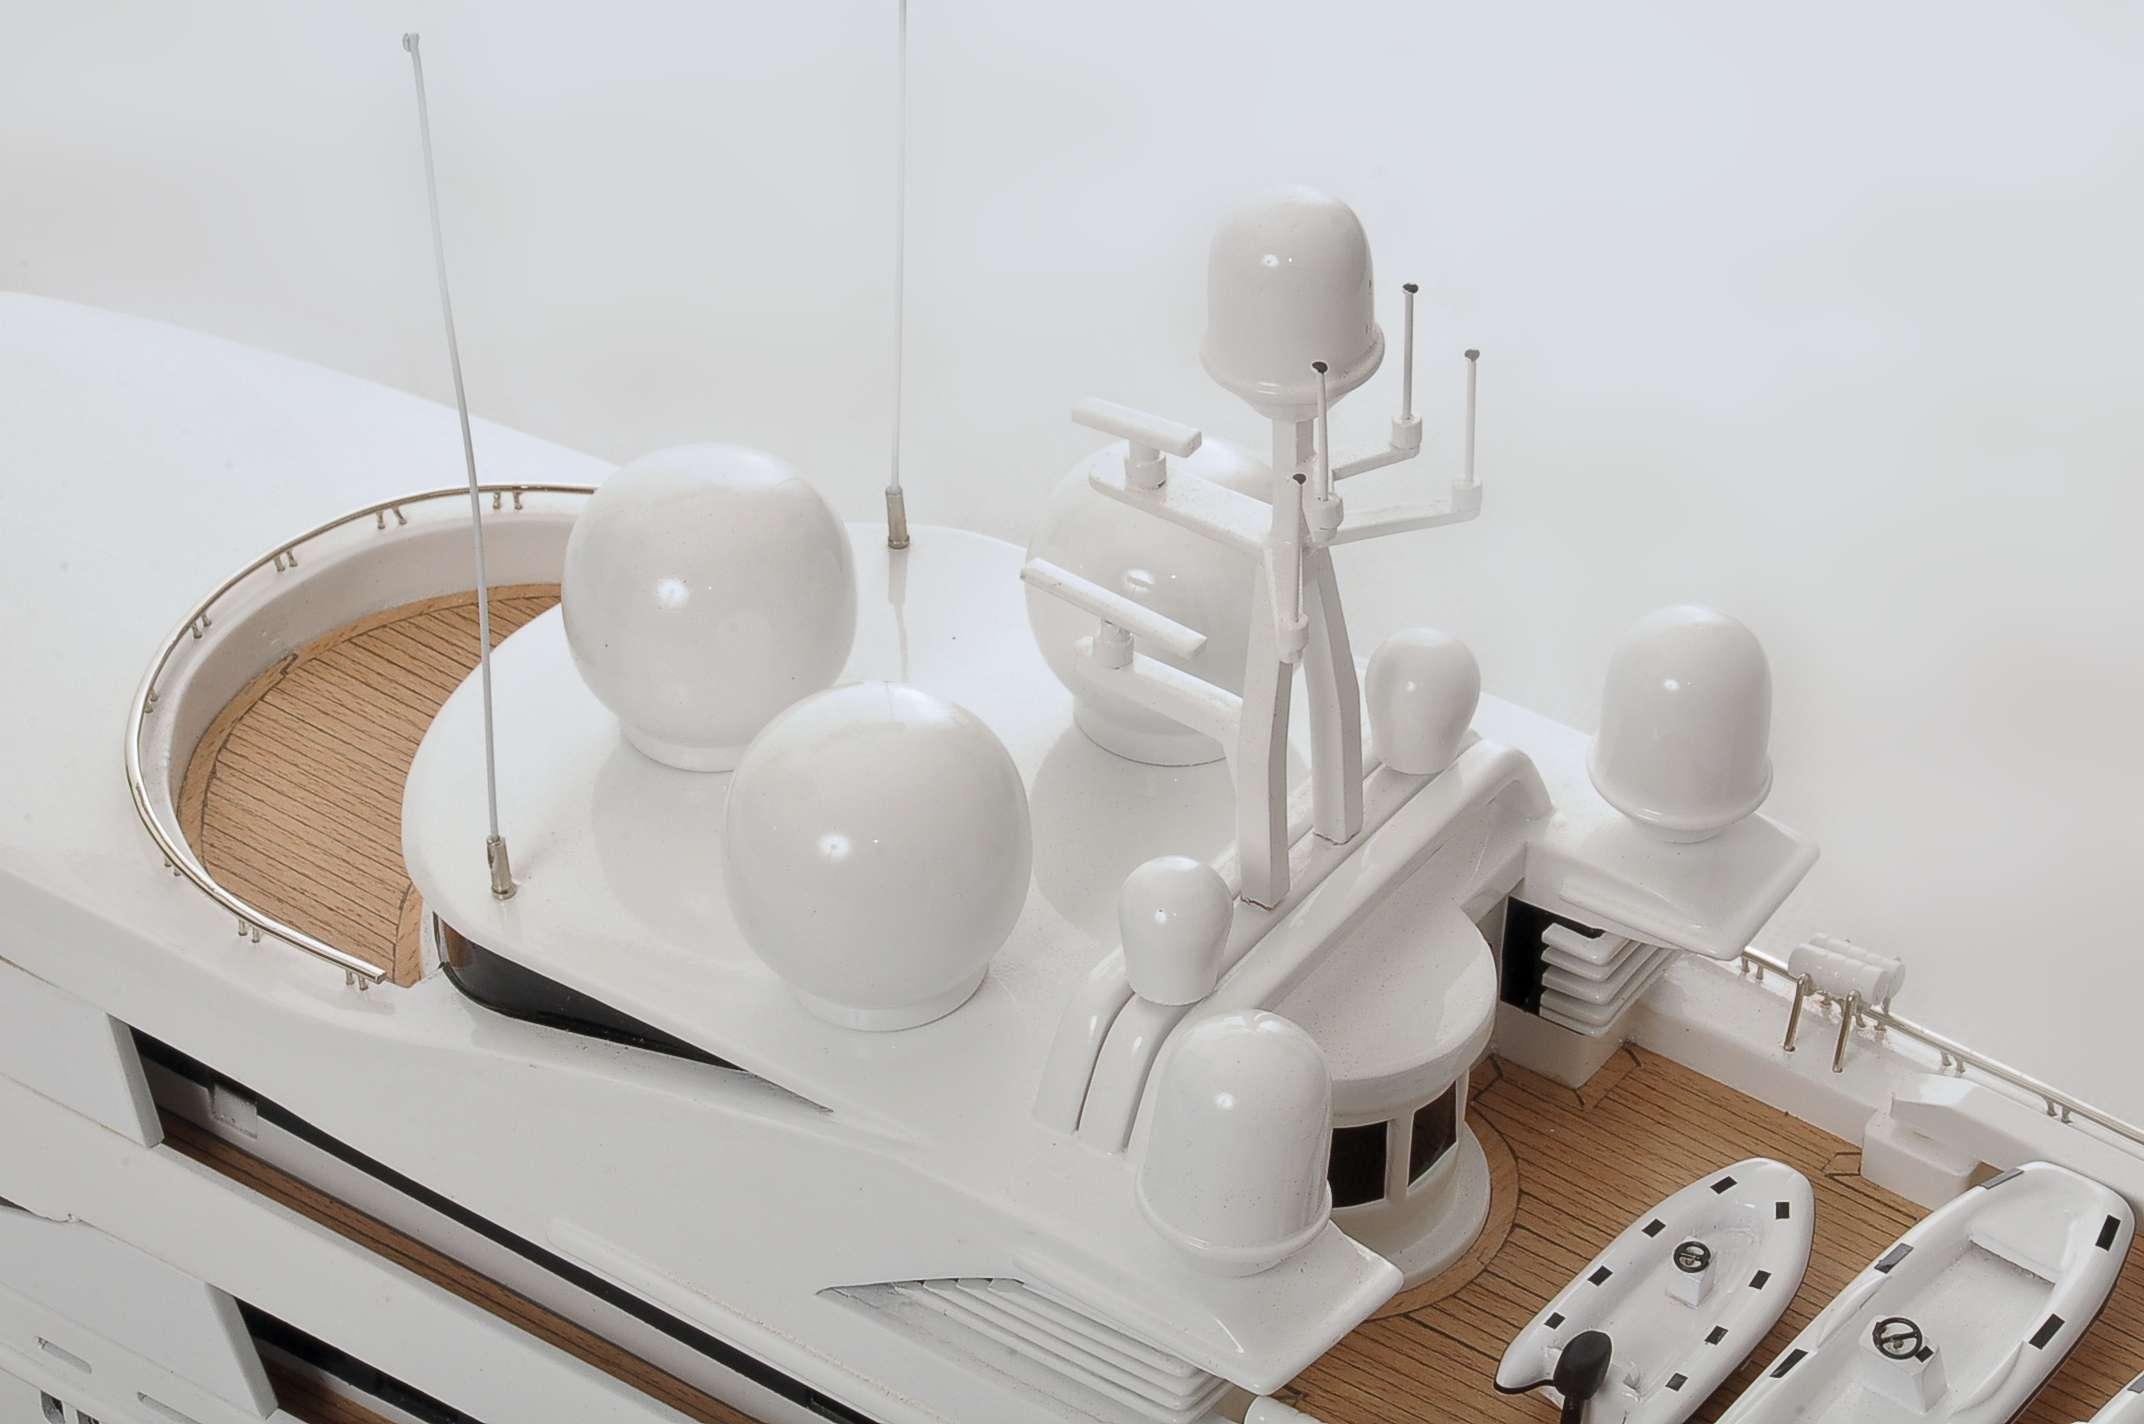 1480-4370-Constellation-Super-Yacht